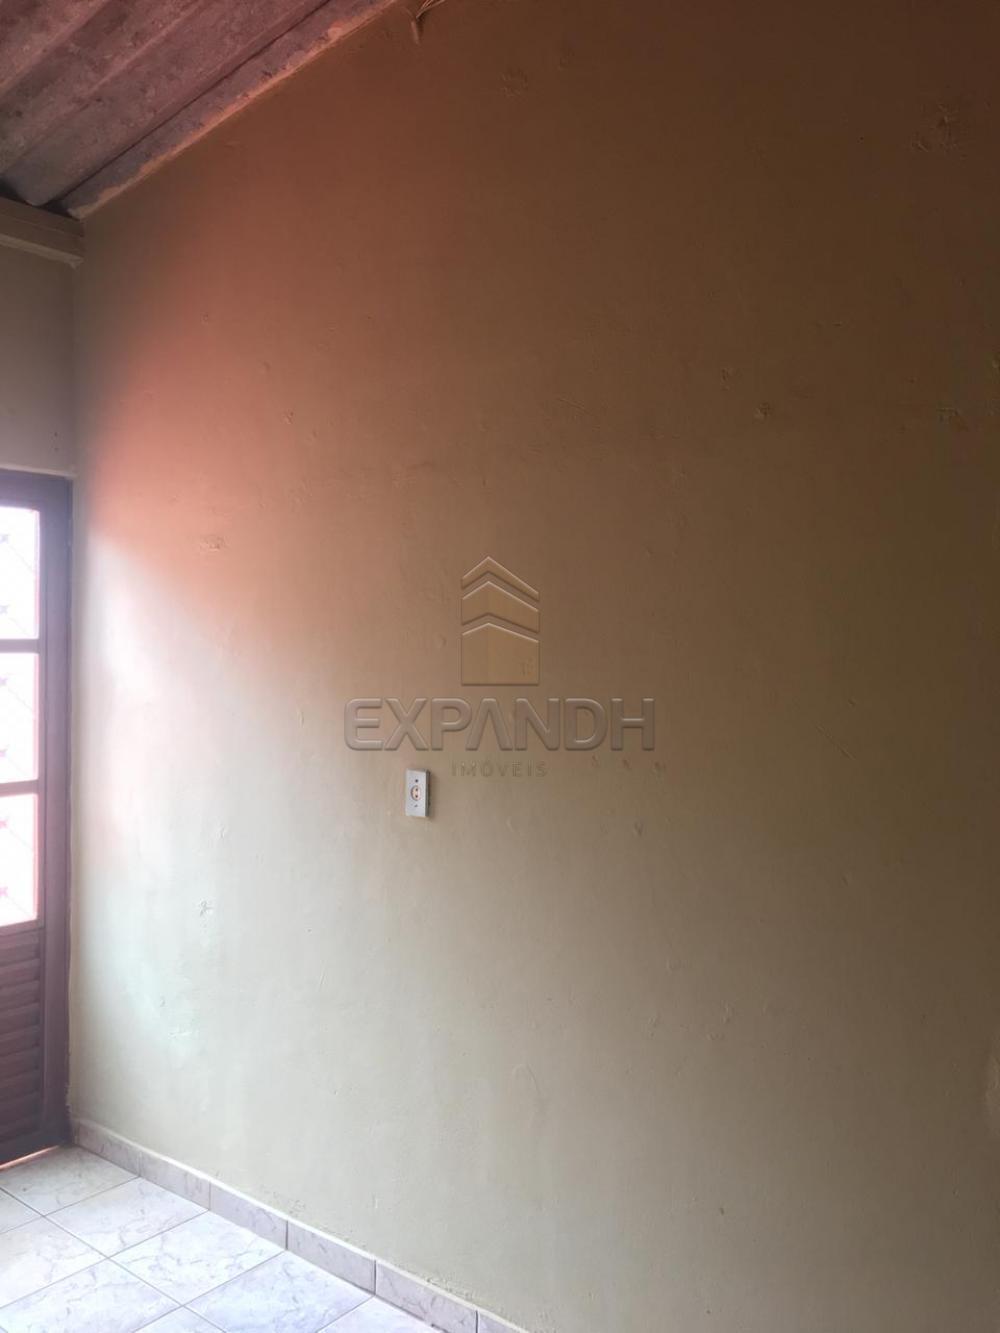 Alugar Casas / Padrão em Sertãozinho apenas R$ 400,00 - Foto 8